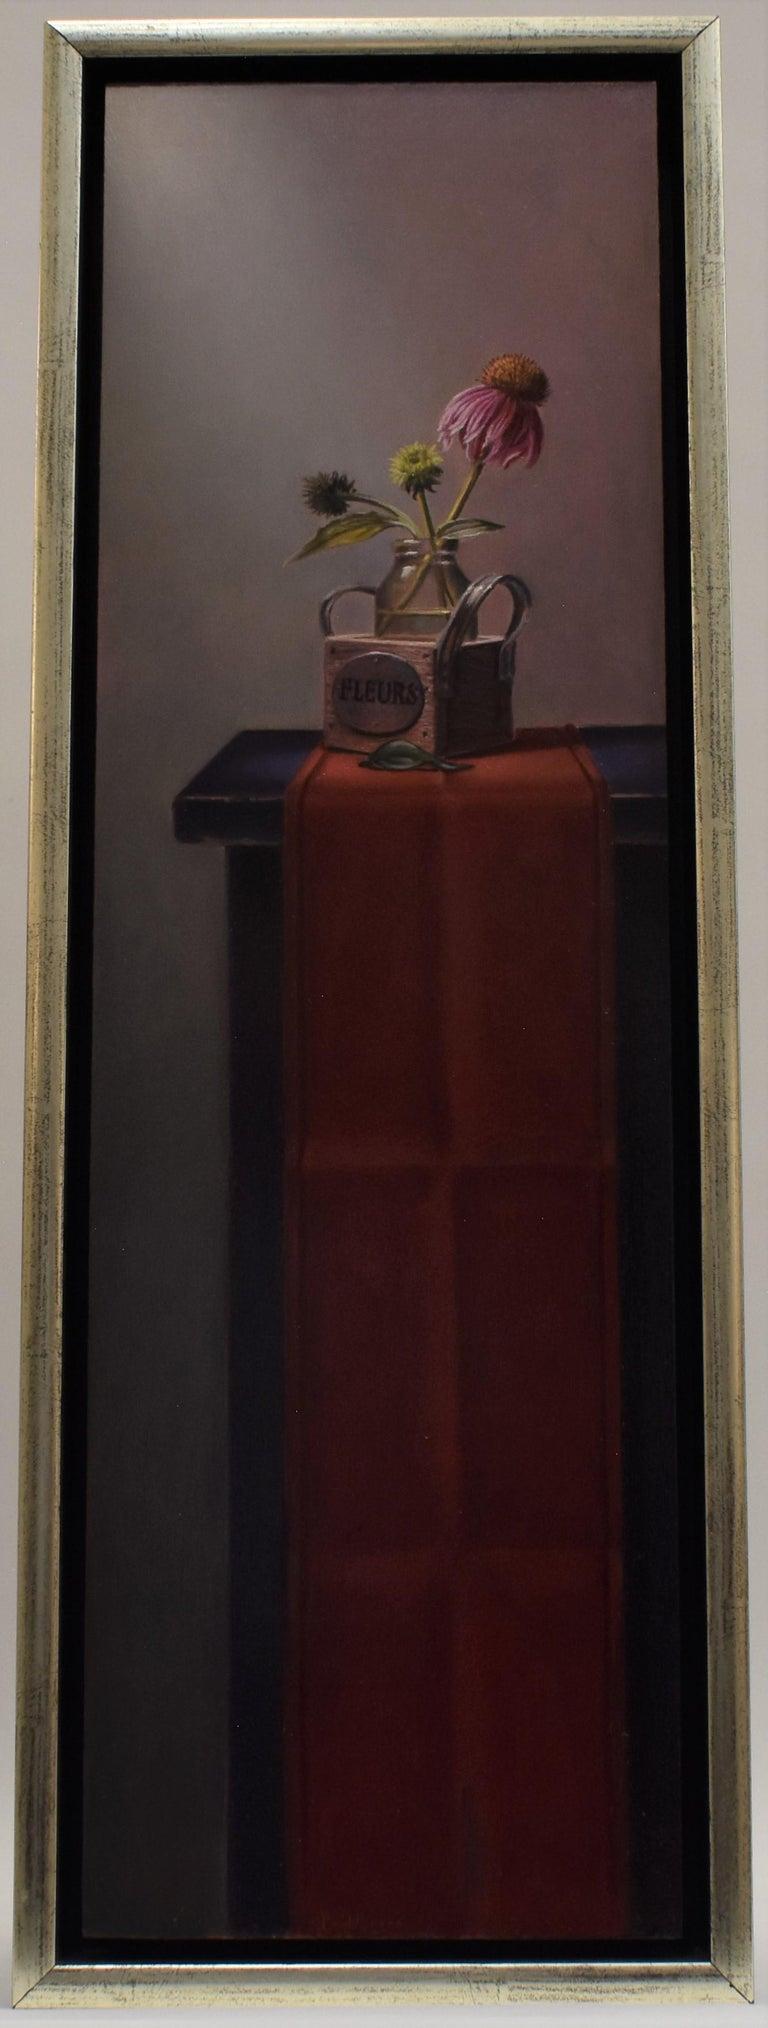 Euchina force (pendant) - Peter van den Borne - Realist Painting by Peter van den Borne